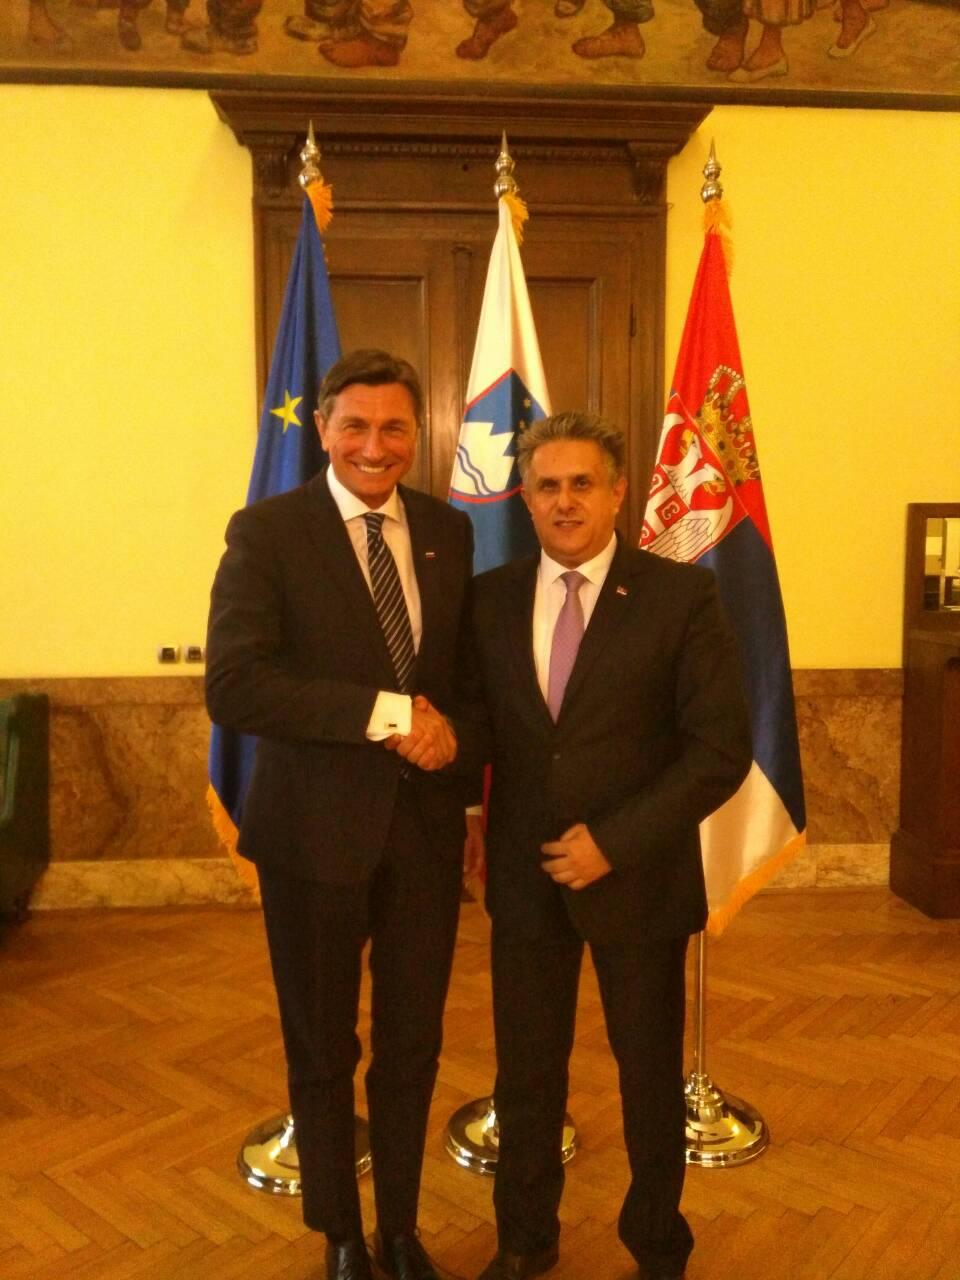 Miletić i Pahor u srdačnom razgovoru, foto: M.M.